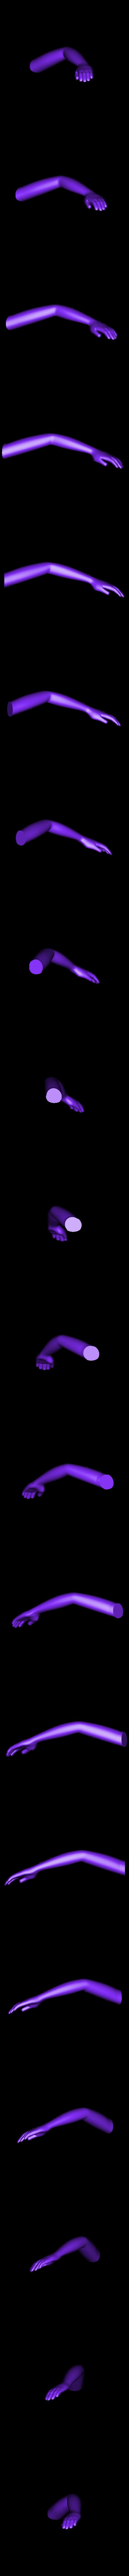 arm_left.stl Download free STL file Alice • 3D printable object, reddadsteve